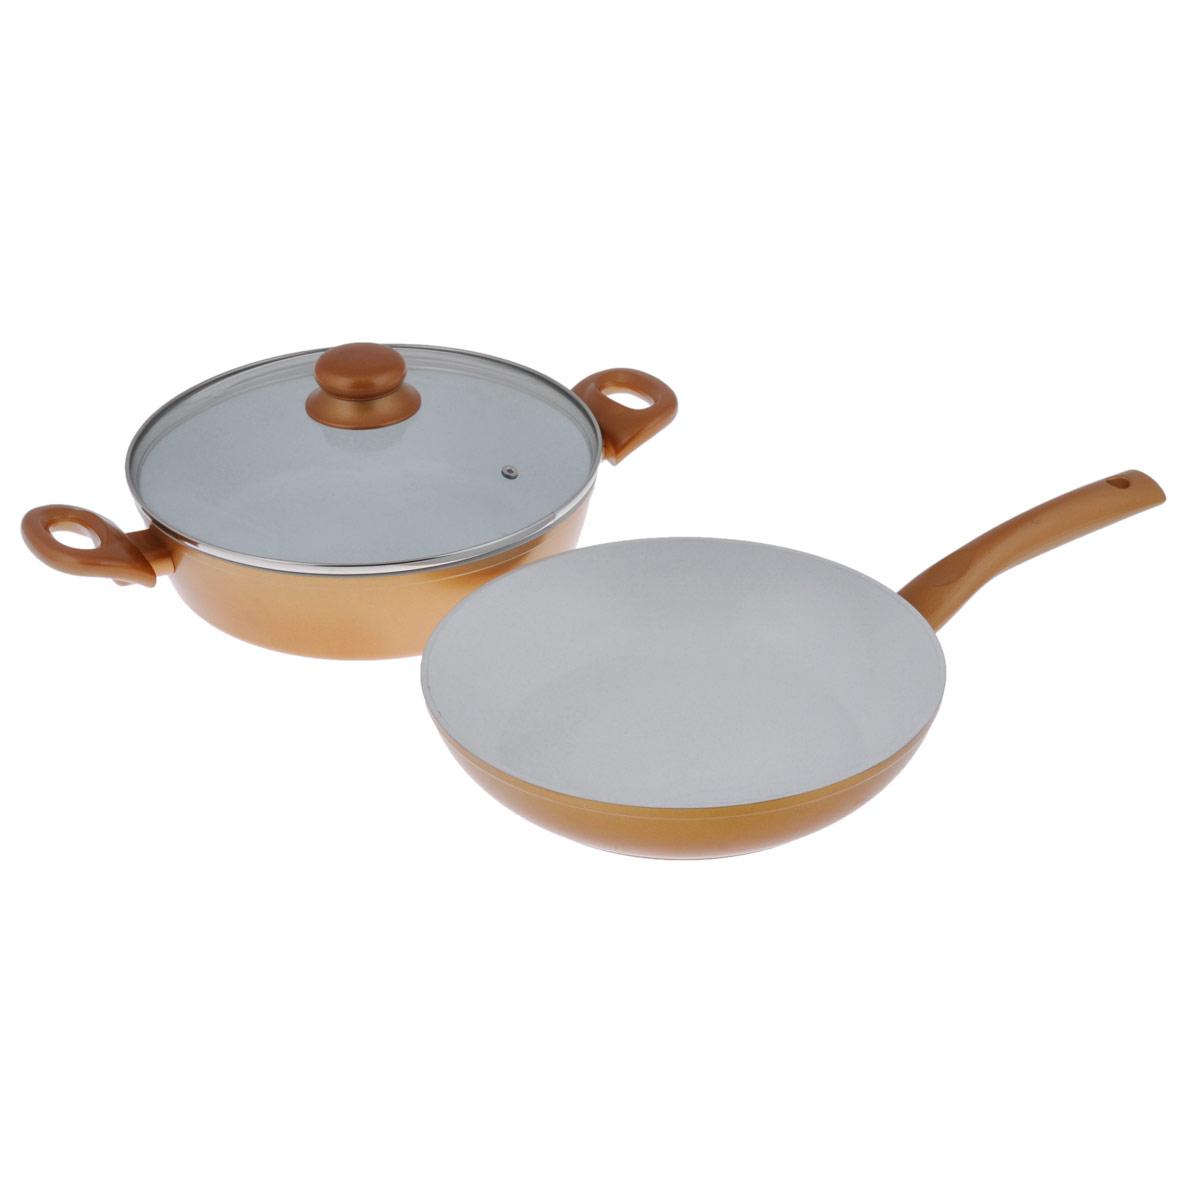 Набор посуды Korkmaz Serena, c керамическим покрытием, цвет: золотистый, белый, 3 предметаA1570-1Набор Korkmaz Serena состоит из сотейника с крышкой и сковороды, изготовленных из литого высокопрочного алюминия с внутренним керамическим покрытием. При таком покрытии пища не пристает и не пригорает, масла требуется вдвое меньше по сравнению с другими покрытиями, что позволяет приготовить здоровую, вкусную и полезную пищу без лишних жиров и оксидантов. Литой алюминий имеет свойство быстро нагреваться до высокой температуры и равномерно распределять тепло по всем поверхностям. Посуда не содержит тефлоновых составляющих PTFE и PFOA. Предметы набора имеют не нагревающиеся ручки из бакелита, предотвращающие появление ожогов на руках. Сотейник оснащен крышкой из жаропрочного стекла. Сотейник и сковорода пригодны для использования на газовой плите, не подходят для индукционных плит. Можно мыть в посудомоечной машине. Объем сотейника: 3,7 л. Диаметр сотейника: 26 см. Ширина сотейника (с учетом ручек): 39,5 см. ...